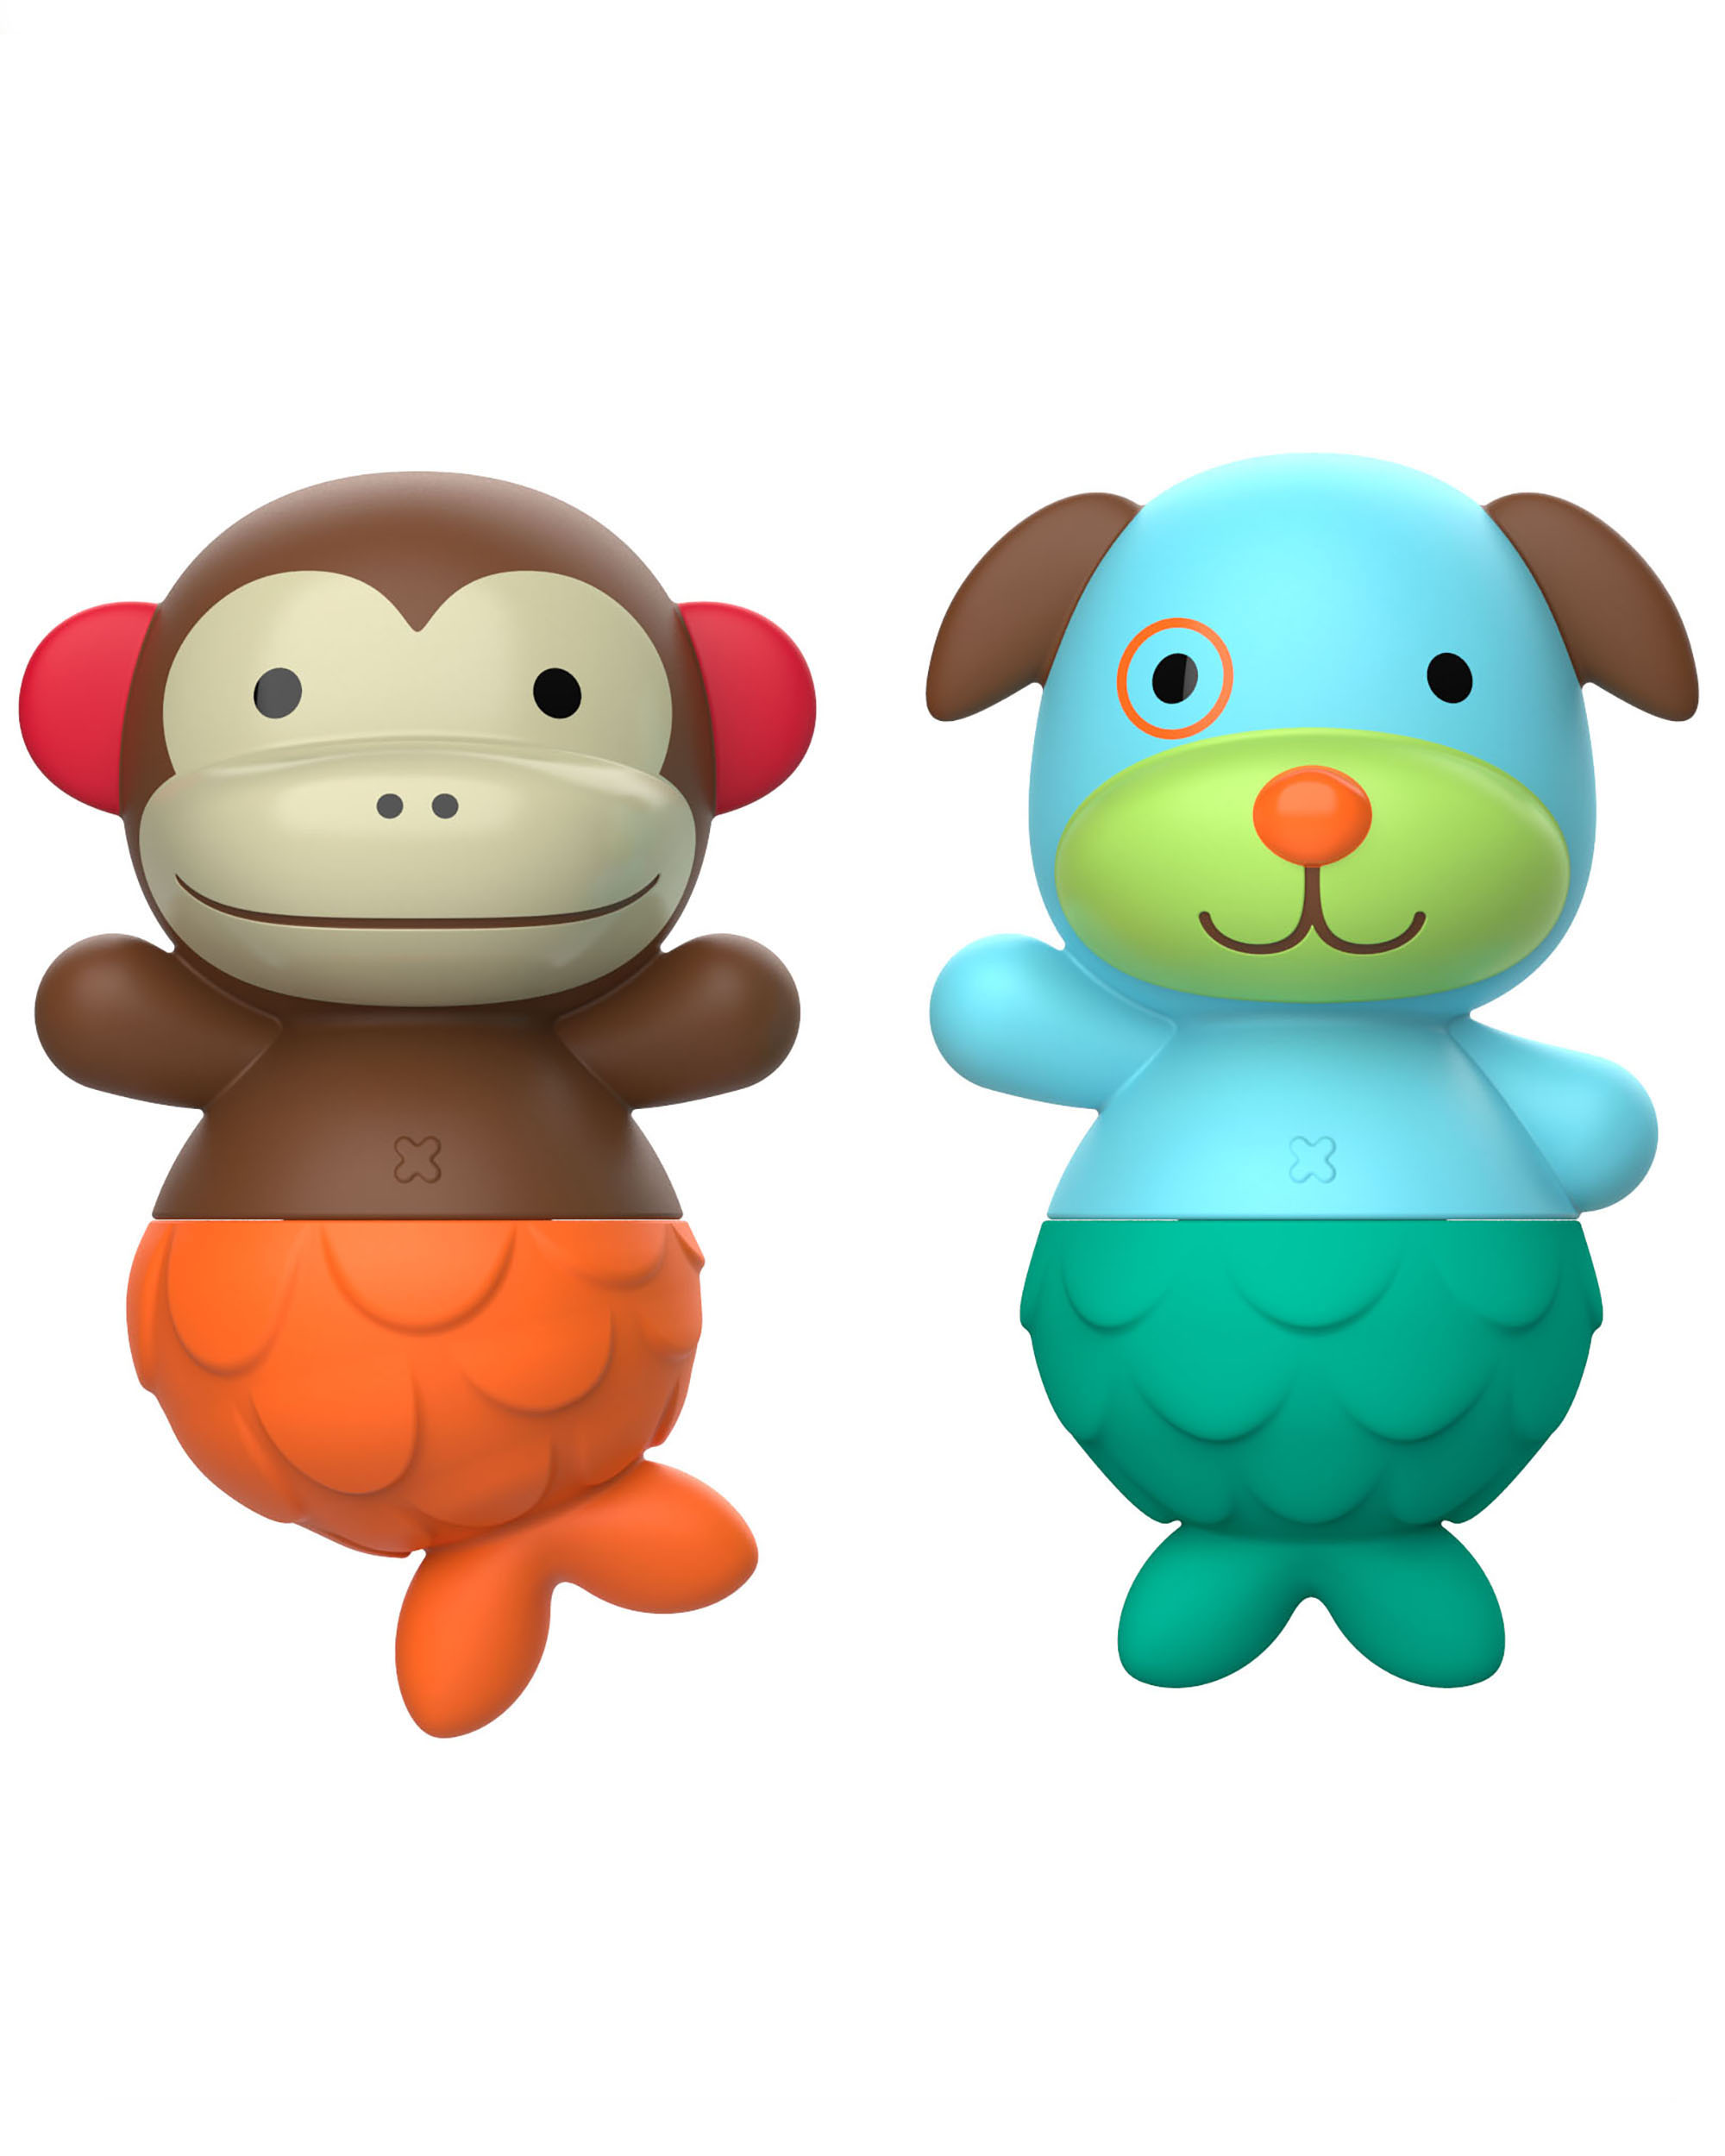 ערבב והתאם זנבות- קוף וכלב